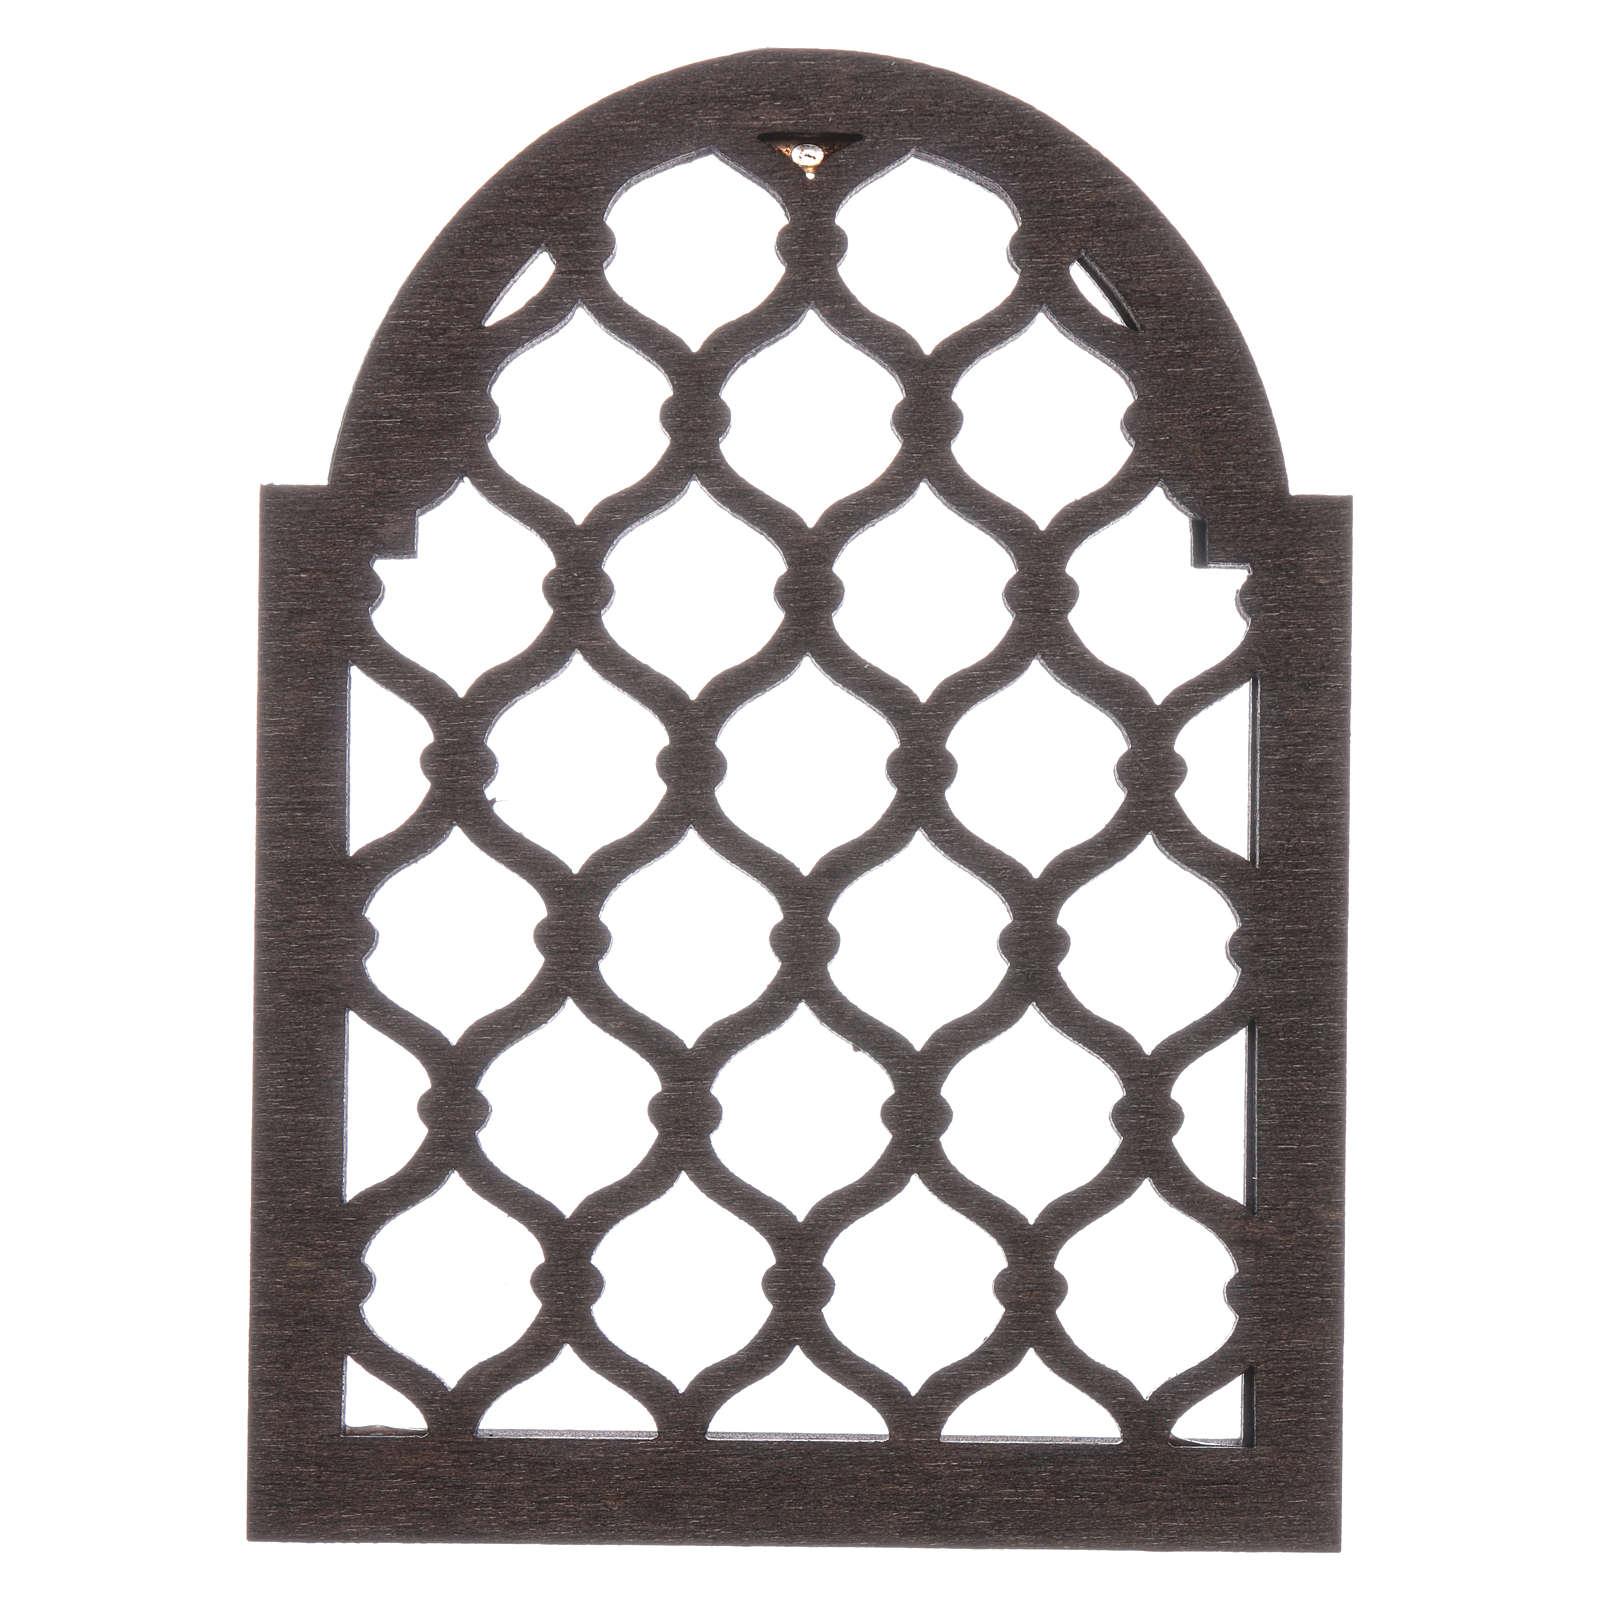 Accesorio belén napolitano hecho con bricolaje ventana árabe 4